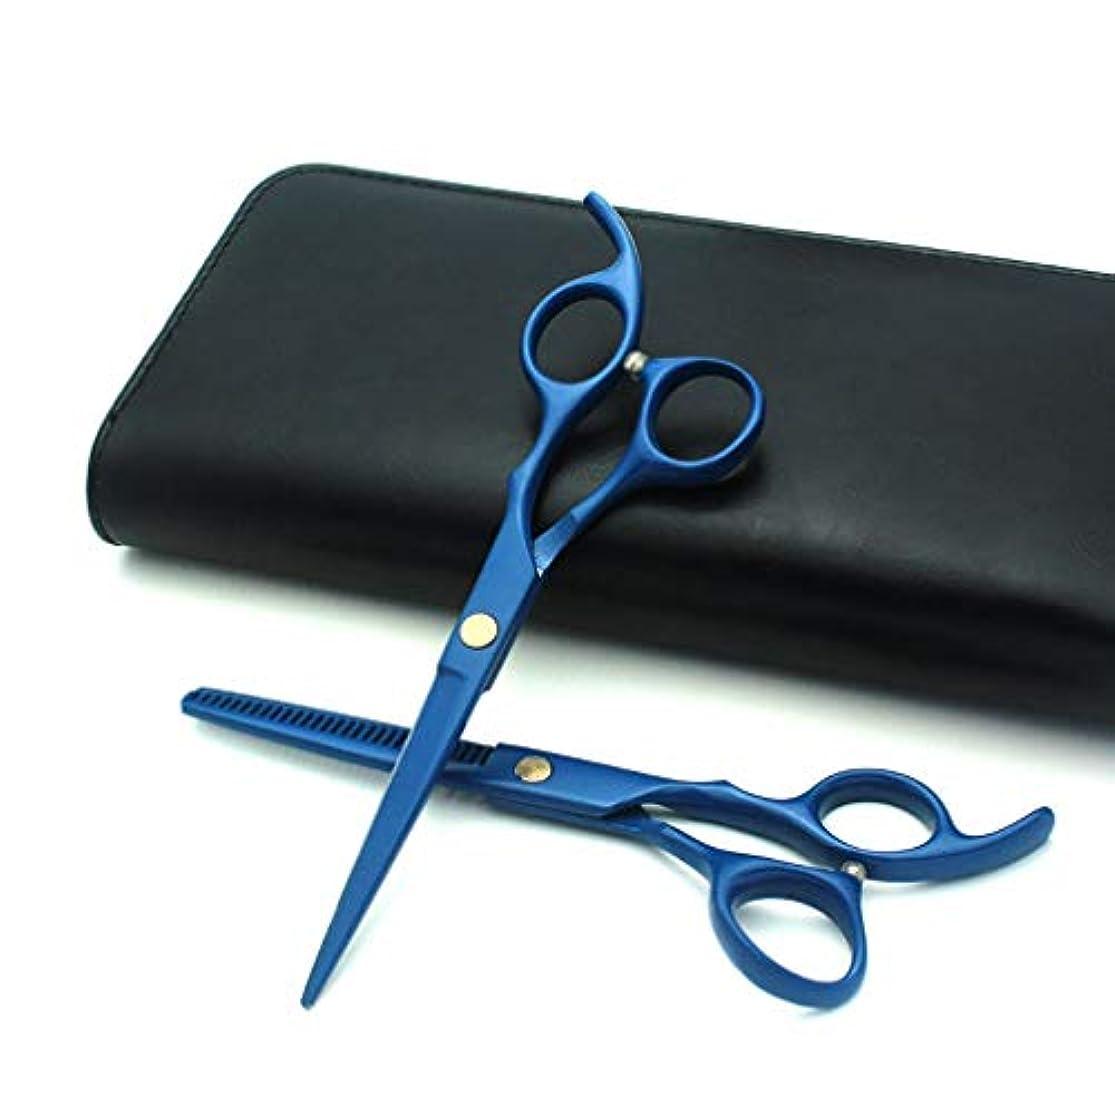 口径税金炭水化物間伐のための5.5インチの理髪はさみ、大広間、理髪師または家の使用のための専門の毛のはさみそして理髪のはさみのはさみ,Blue